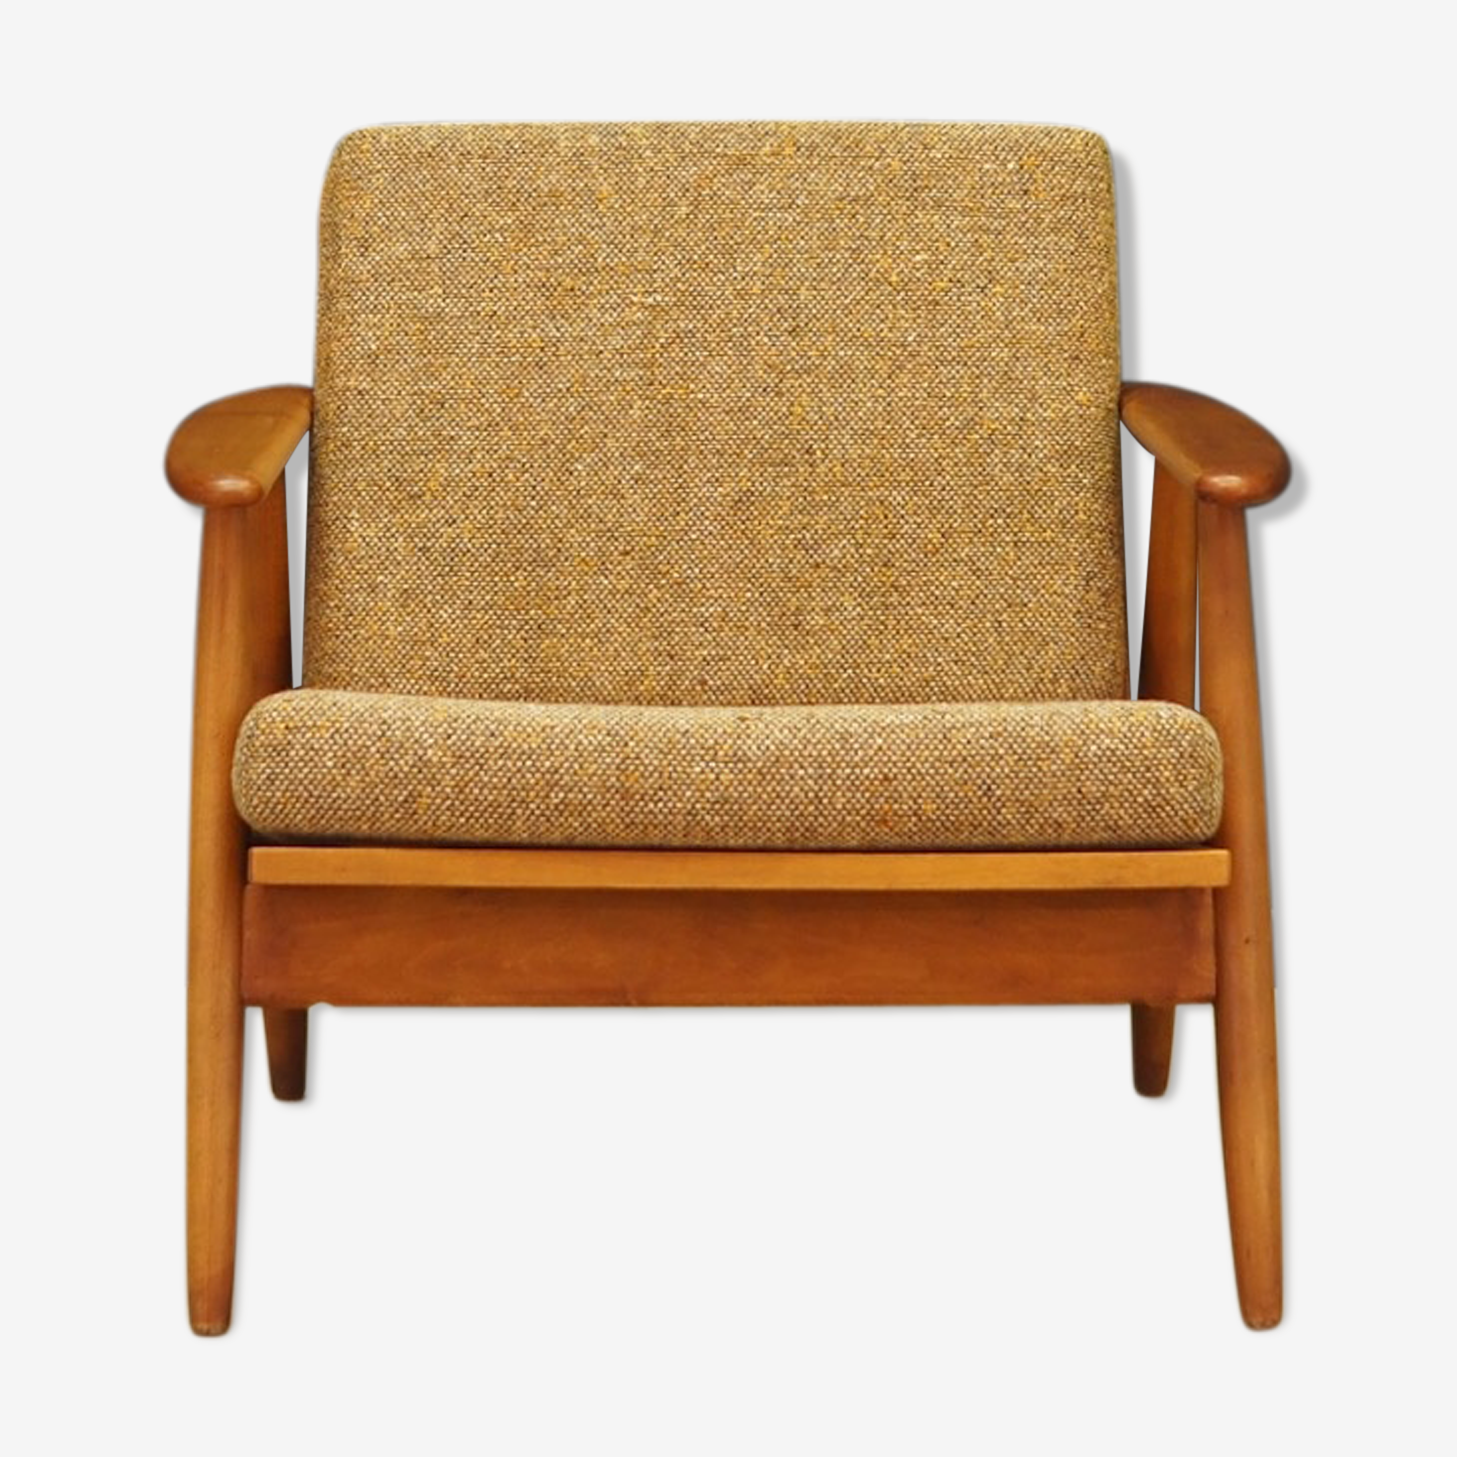 Fauteuil teck danois design vintage rétro